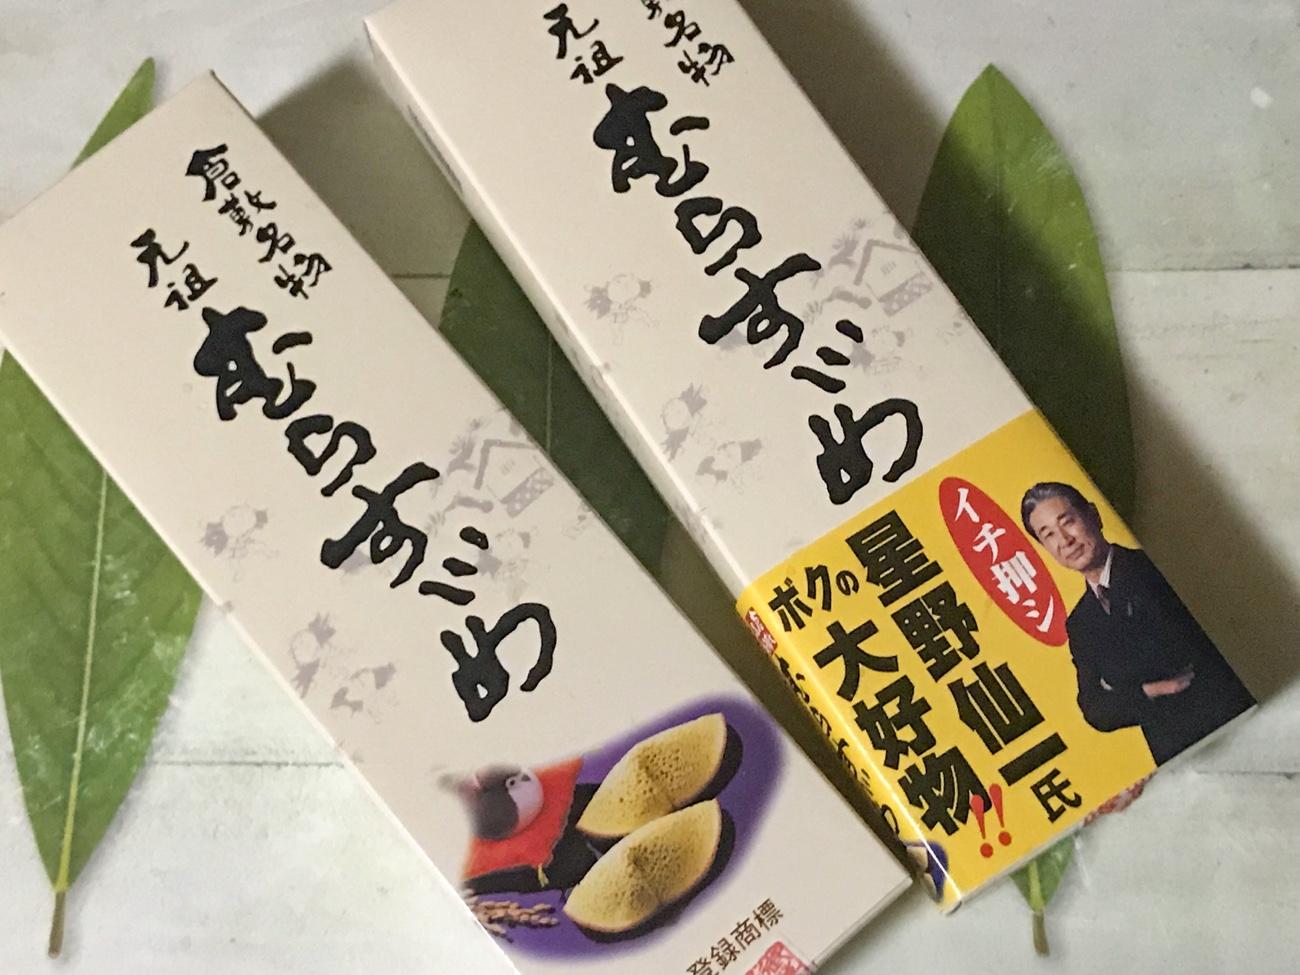 星野仙一記念館で買ったお土産ブログ